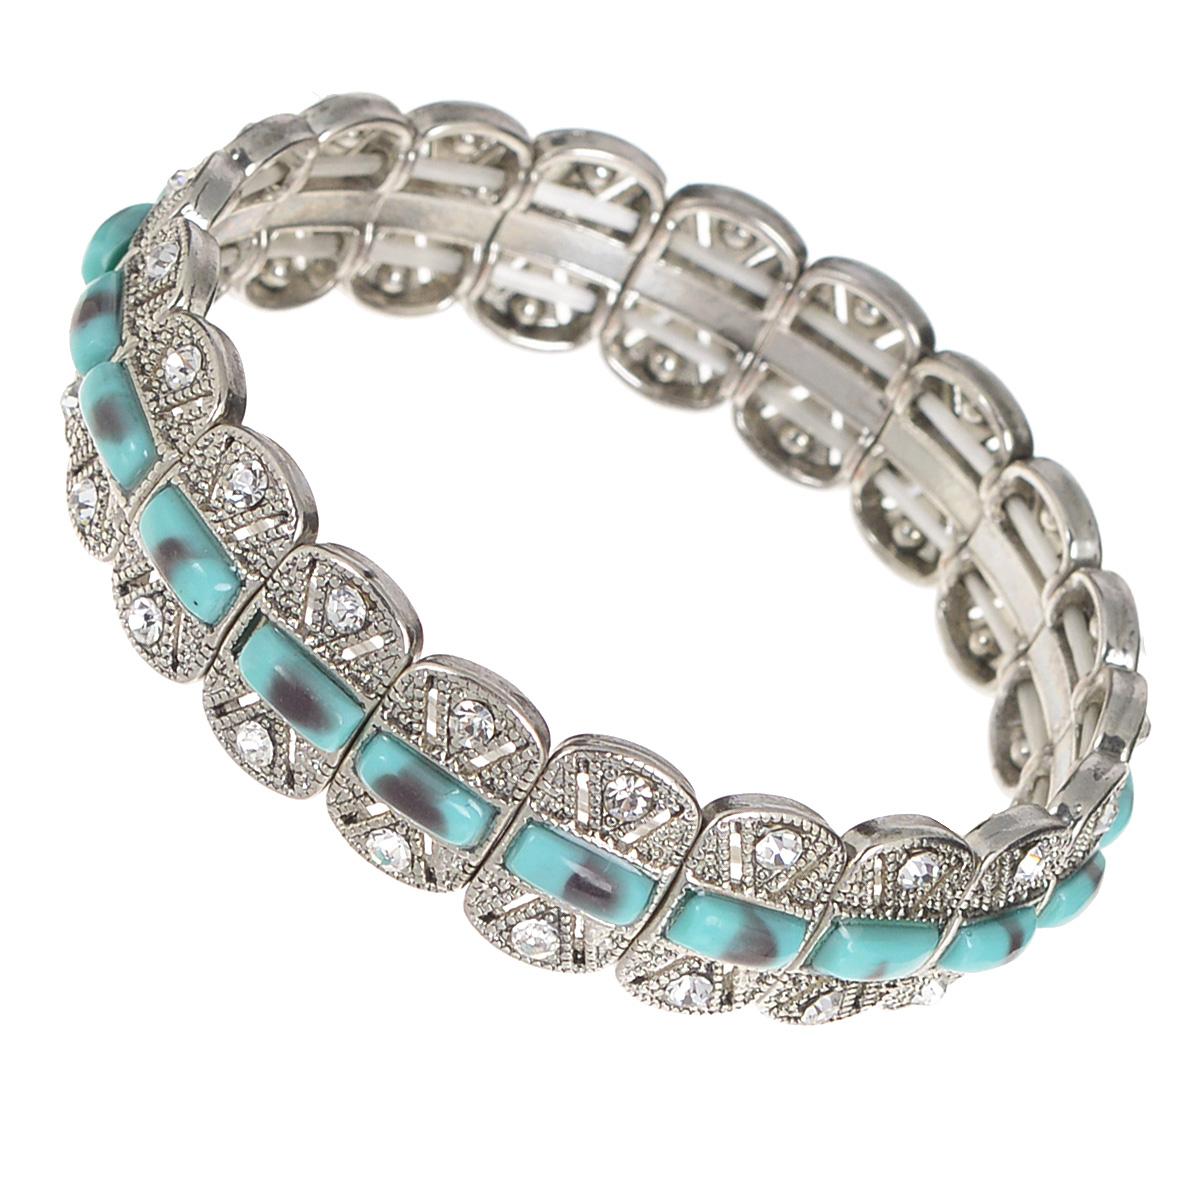 Браслет AtStyle247, цвет: серебряный, бирюзовый. T-B-8209-BRAC-SL.TURQUOISГлидерный браслетИзысканный женский браслет AtStyle247 выполнен из металлического сплава меди, цинка и железа в серебряном цвете. Модель состоит из прямоугольных декоративных элементов, оформленных вставками бирюзового цвета, стилизованными под камни, и усыпанных стразами. Эластичная прочная резинка позволит идеально зафиксировать модель на руке.Это стильное украшение элегантно завершит модный образ и подчеркнет ваш утонченный вкус.